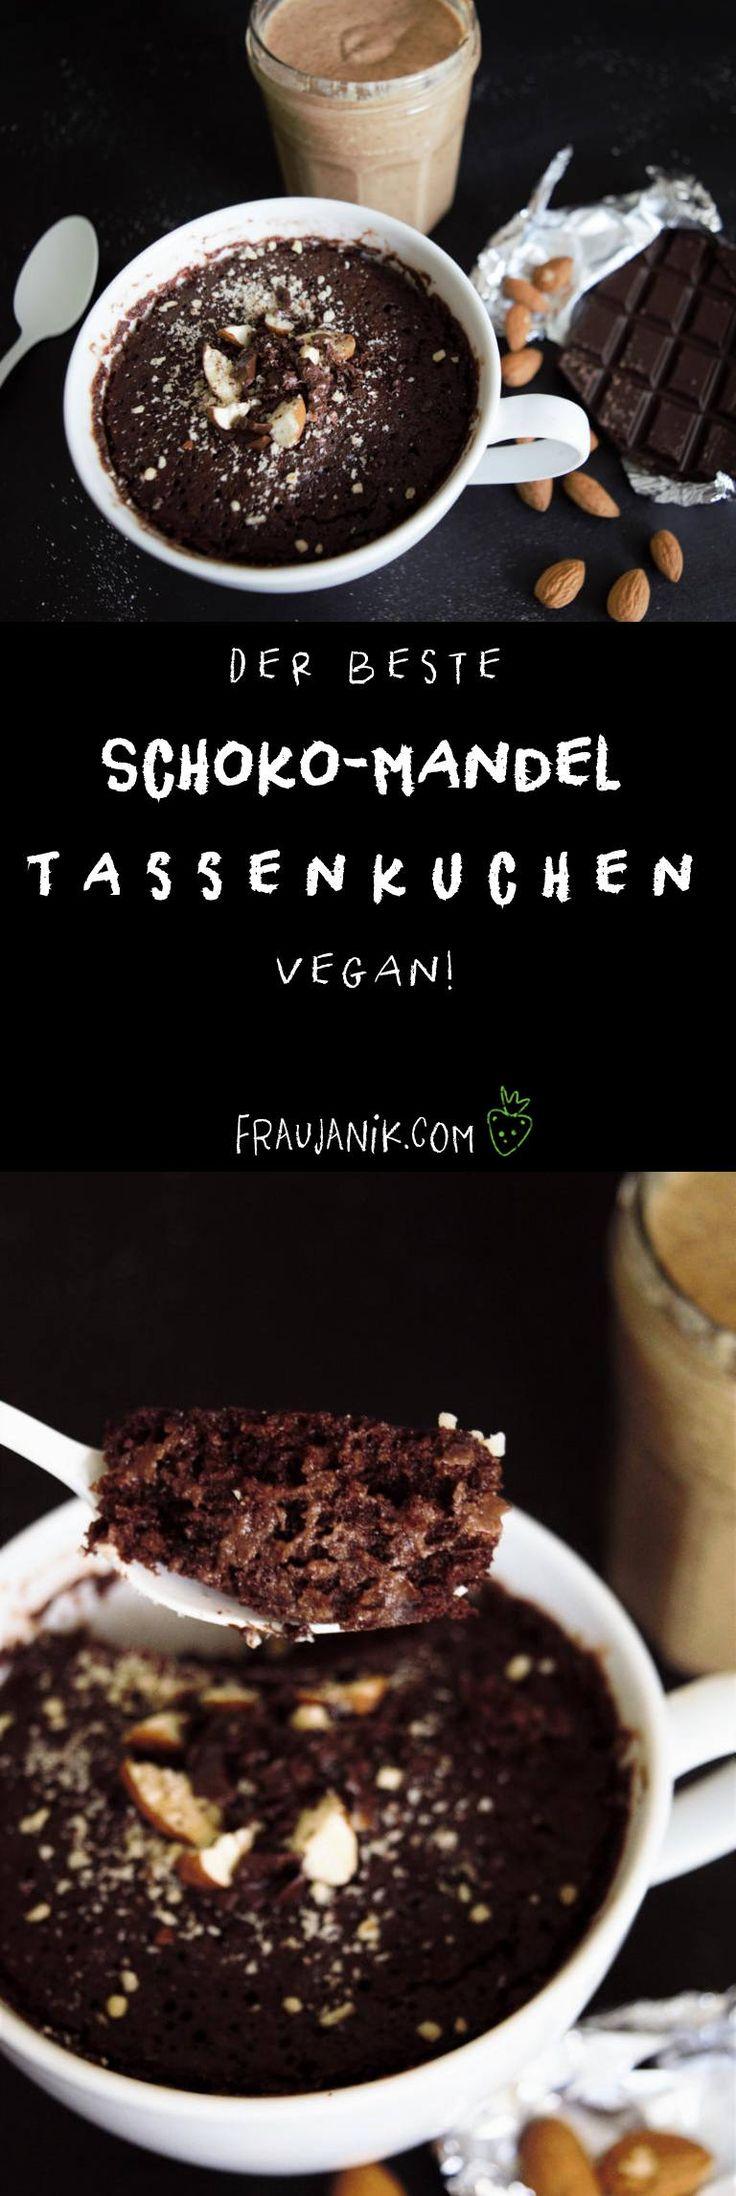 Der beste Schoko Tassenkuchen aus der Mikrowelle | vegan- Mug Cake ohne Haushaltszucker, unglaublich schokoladig & mit Crunch...